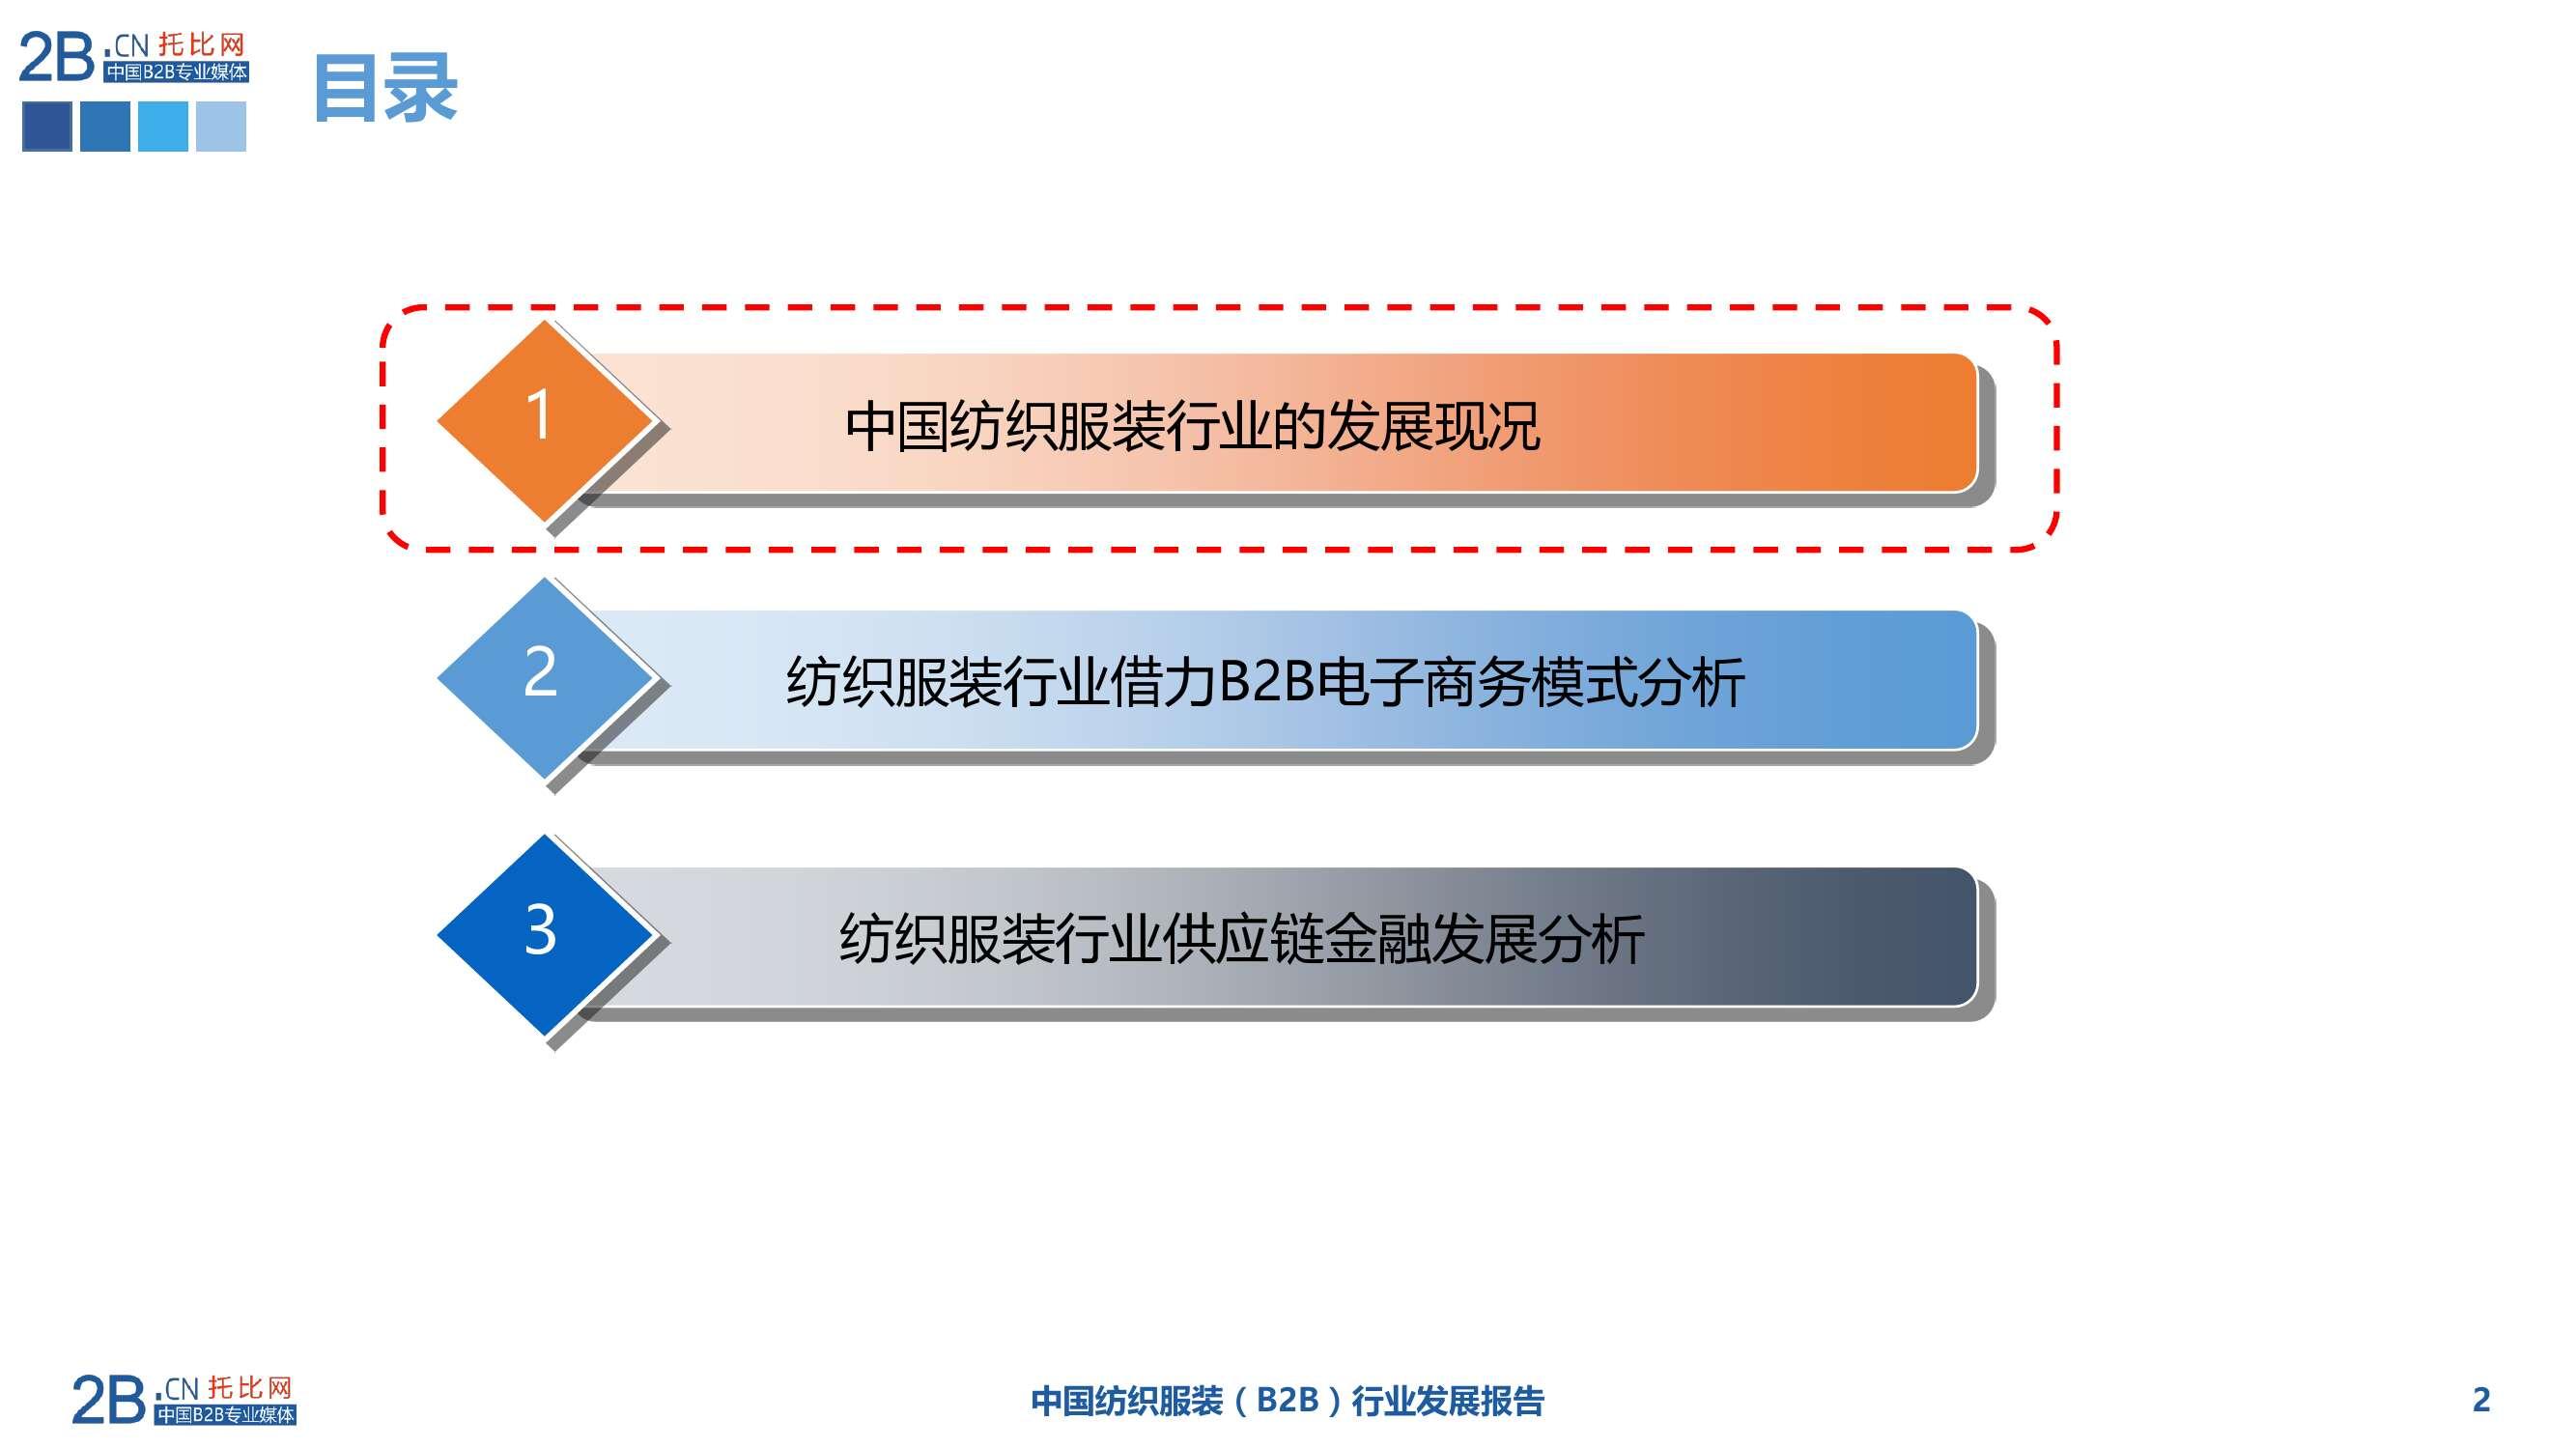 2015年中国纺织服装B2B行业发展报告_000002